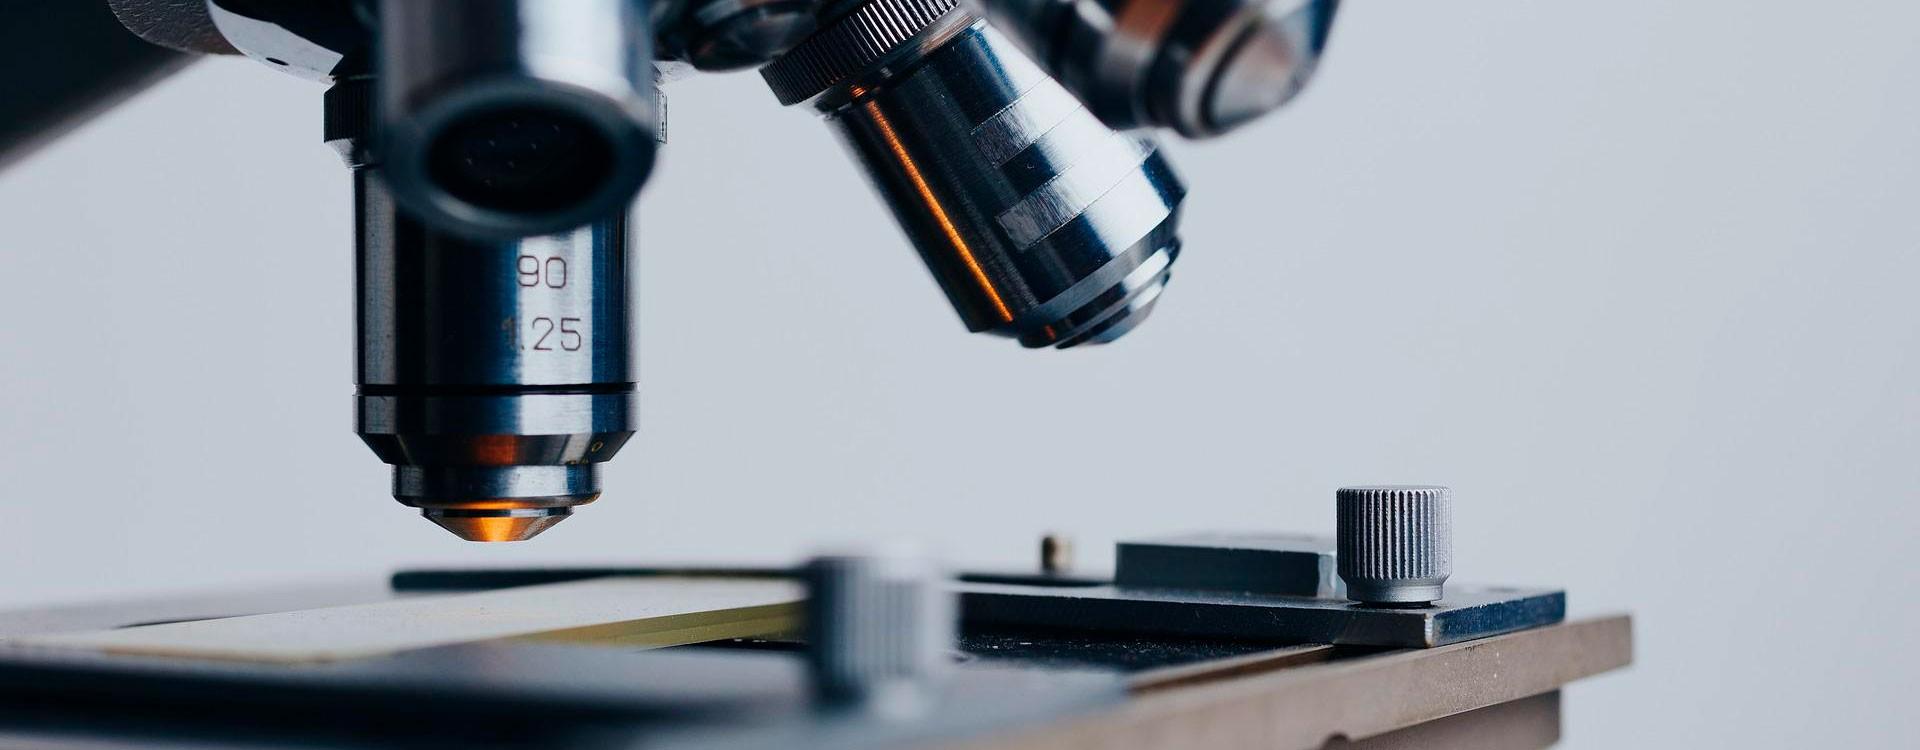 Бизнес без потерь: эффективность использования влагомера зерна Фауна-АМ и других измерителей влажности серии Фауна